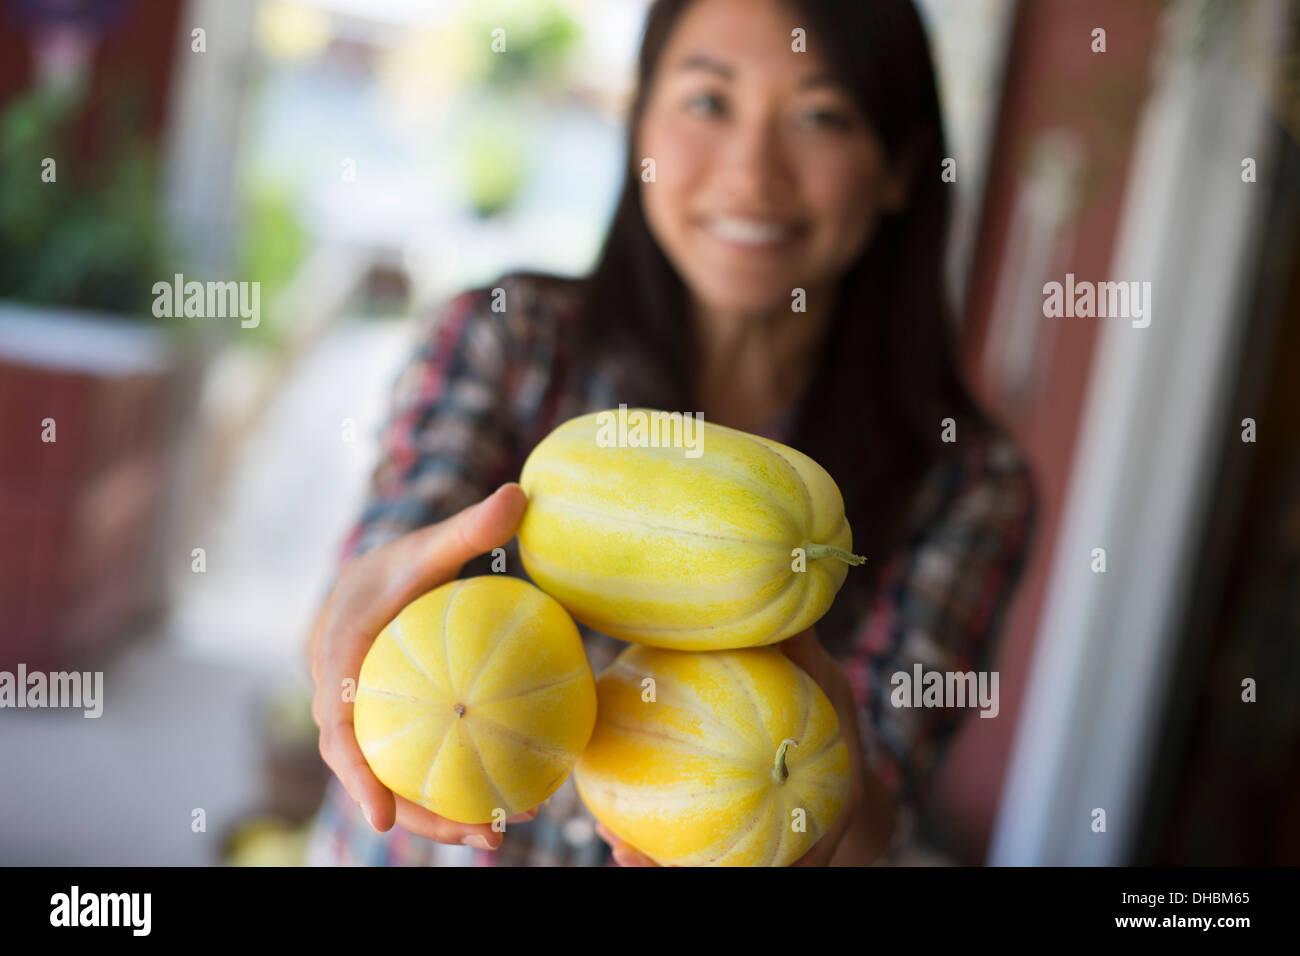 Ein Bauernhof, Anbau und Verkauf von Bio-Gemüse und Obst. Eine Frau mit frisch geernteten gestreiften Kürbisse. Stockbild